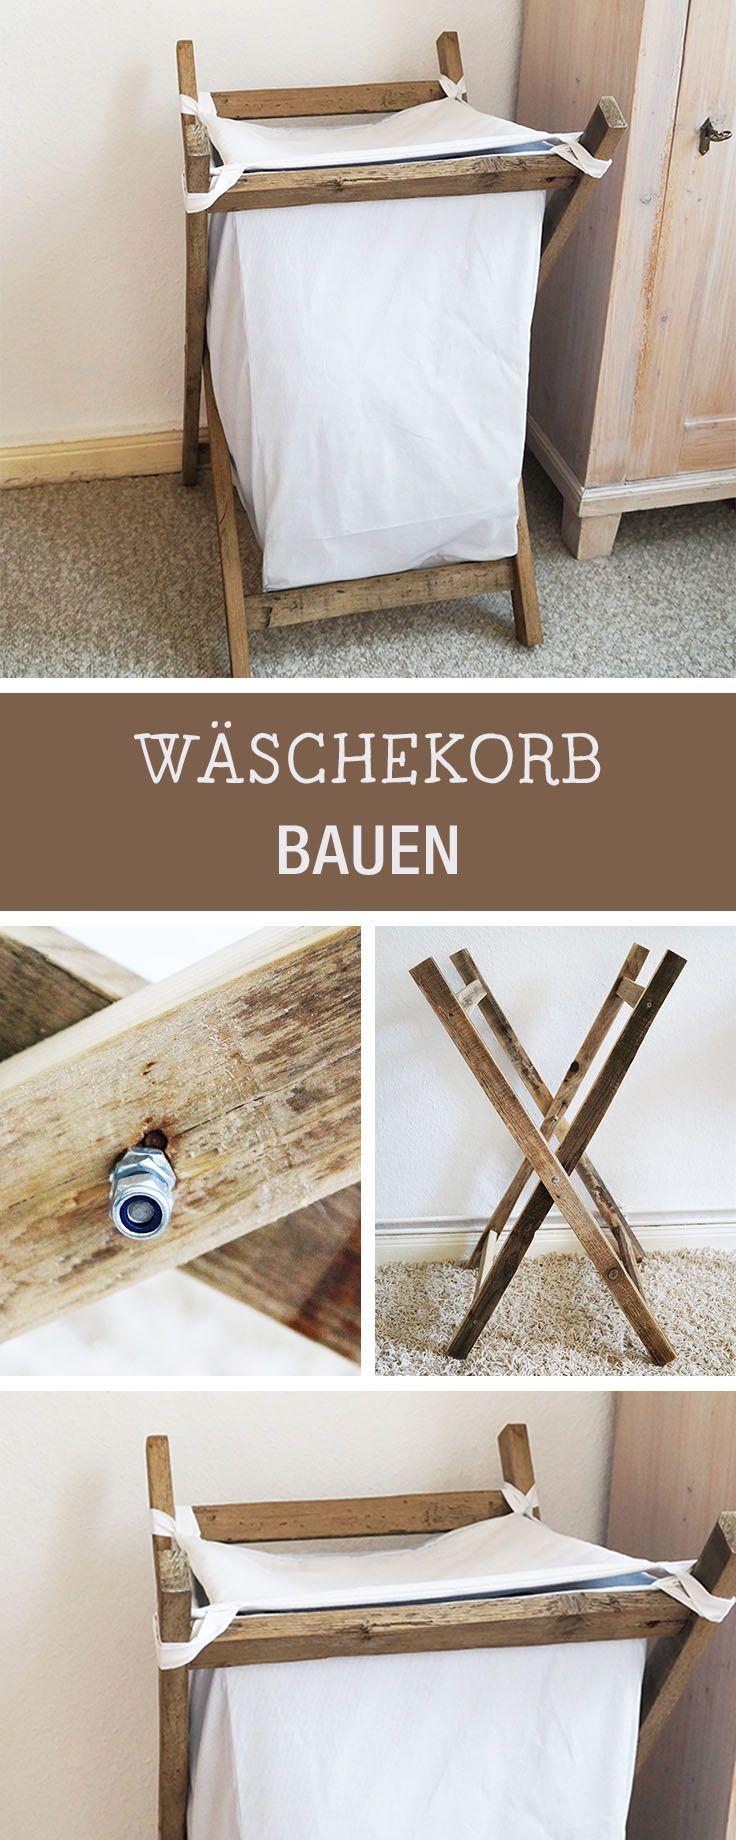 Diy anleitung: hausgemachter wäschekorb, rustikale wohnkultur / diy möbel: wie